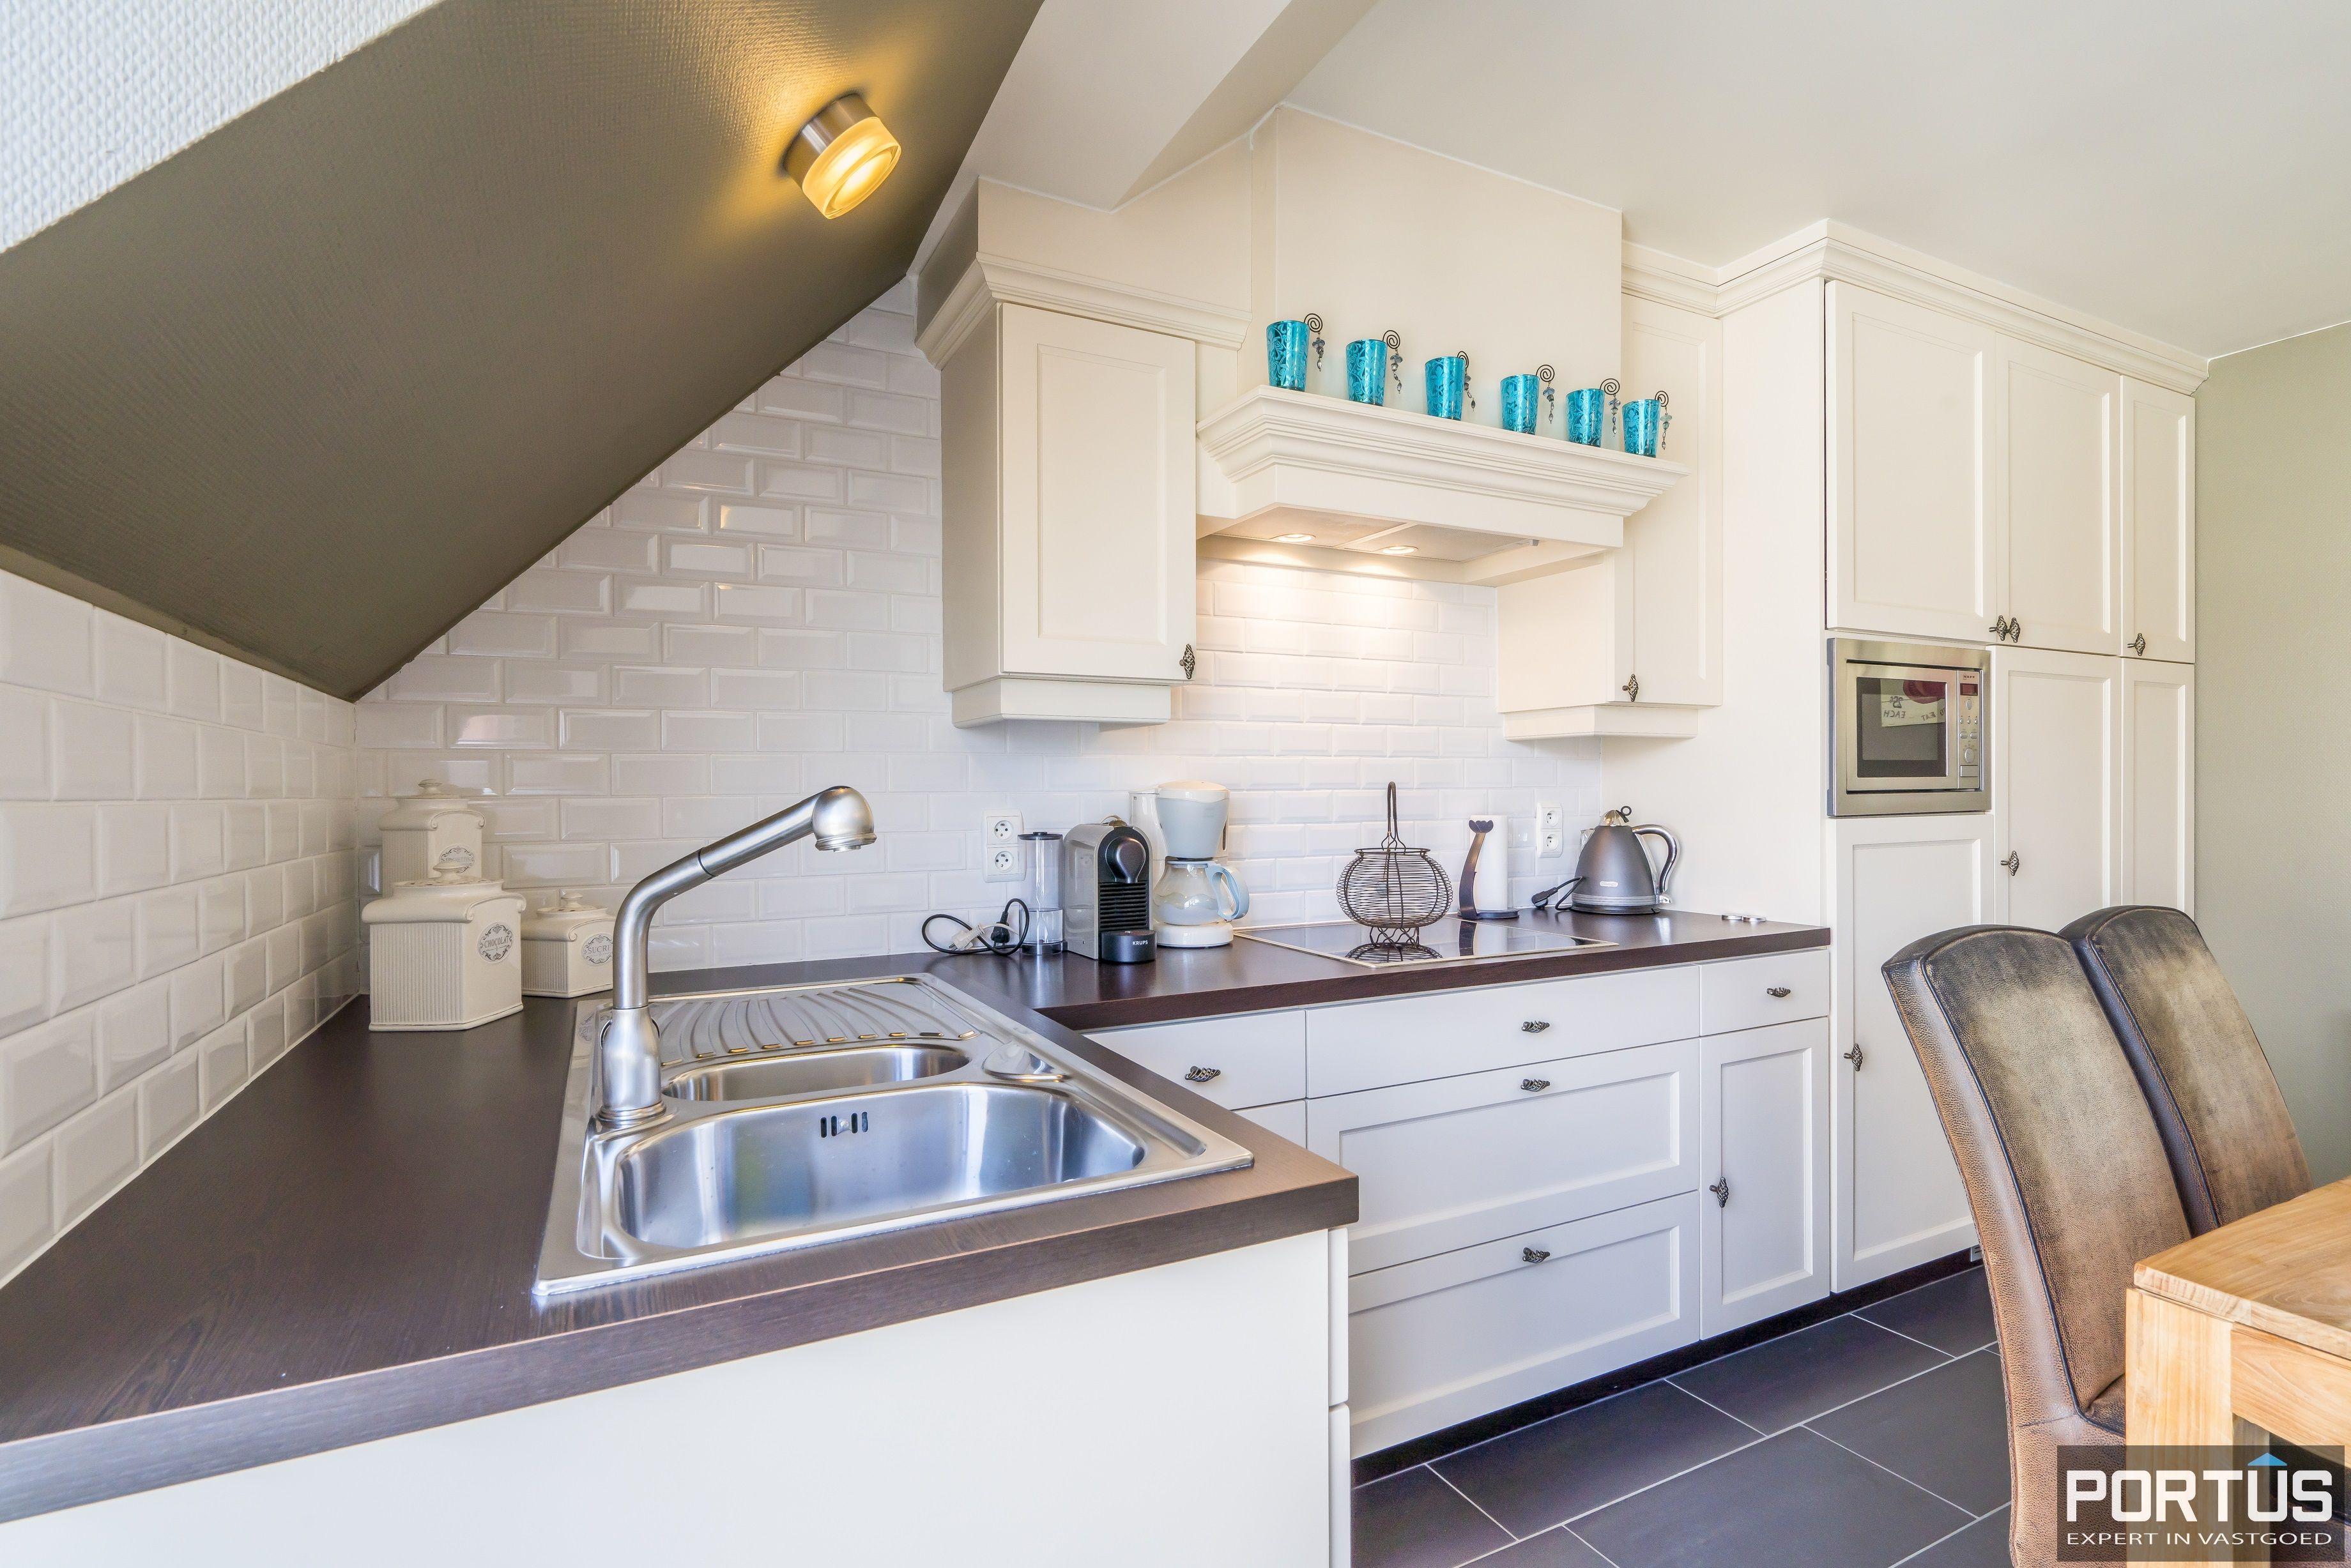 Appartement op wandelafstand van het strand te koop te Nieuwpoort-Bad - 13540